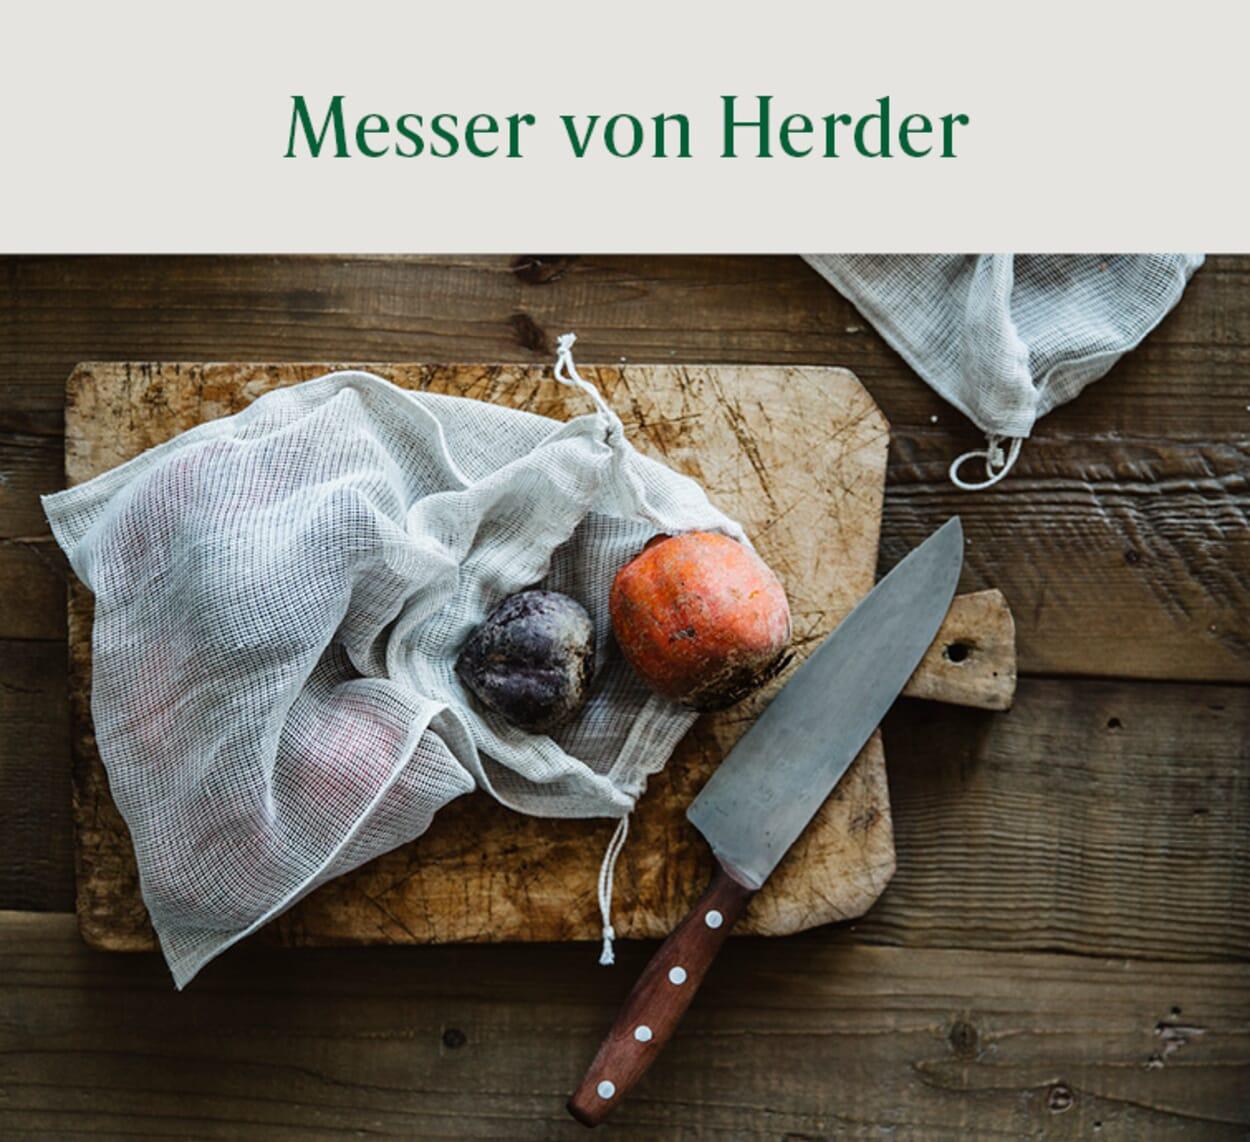 Messer von Herder